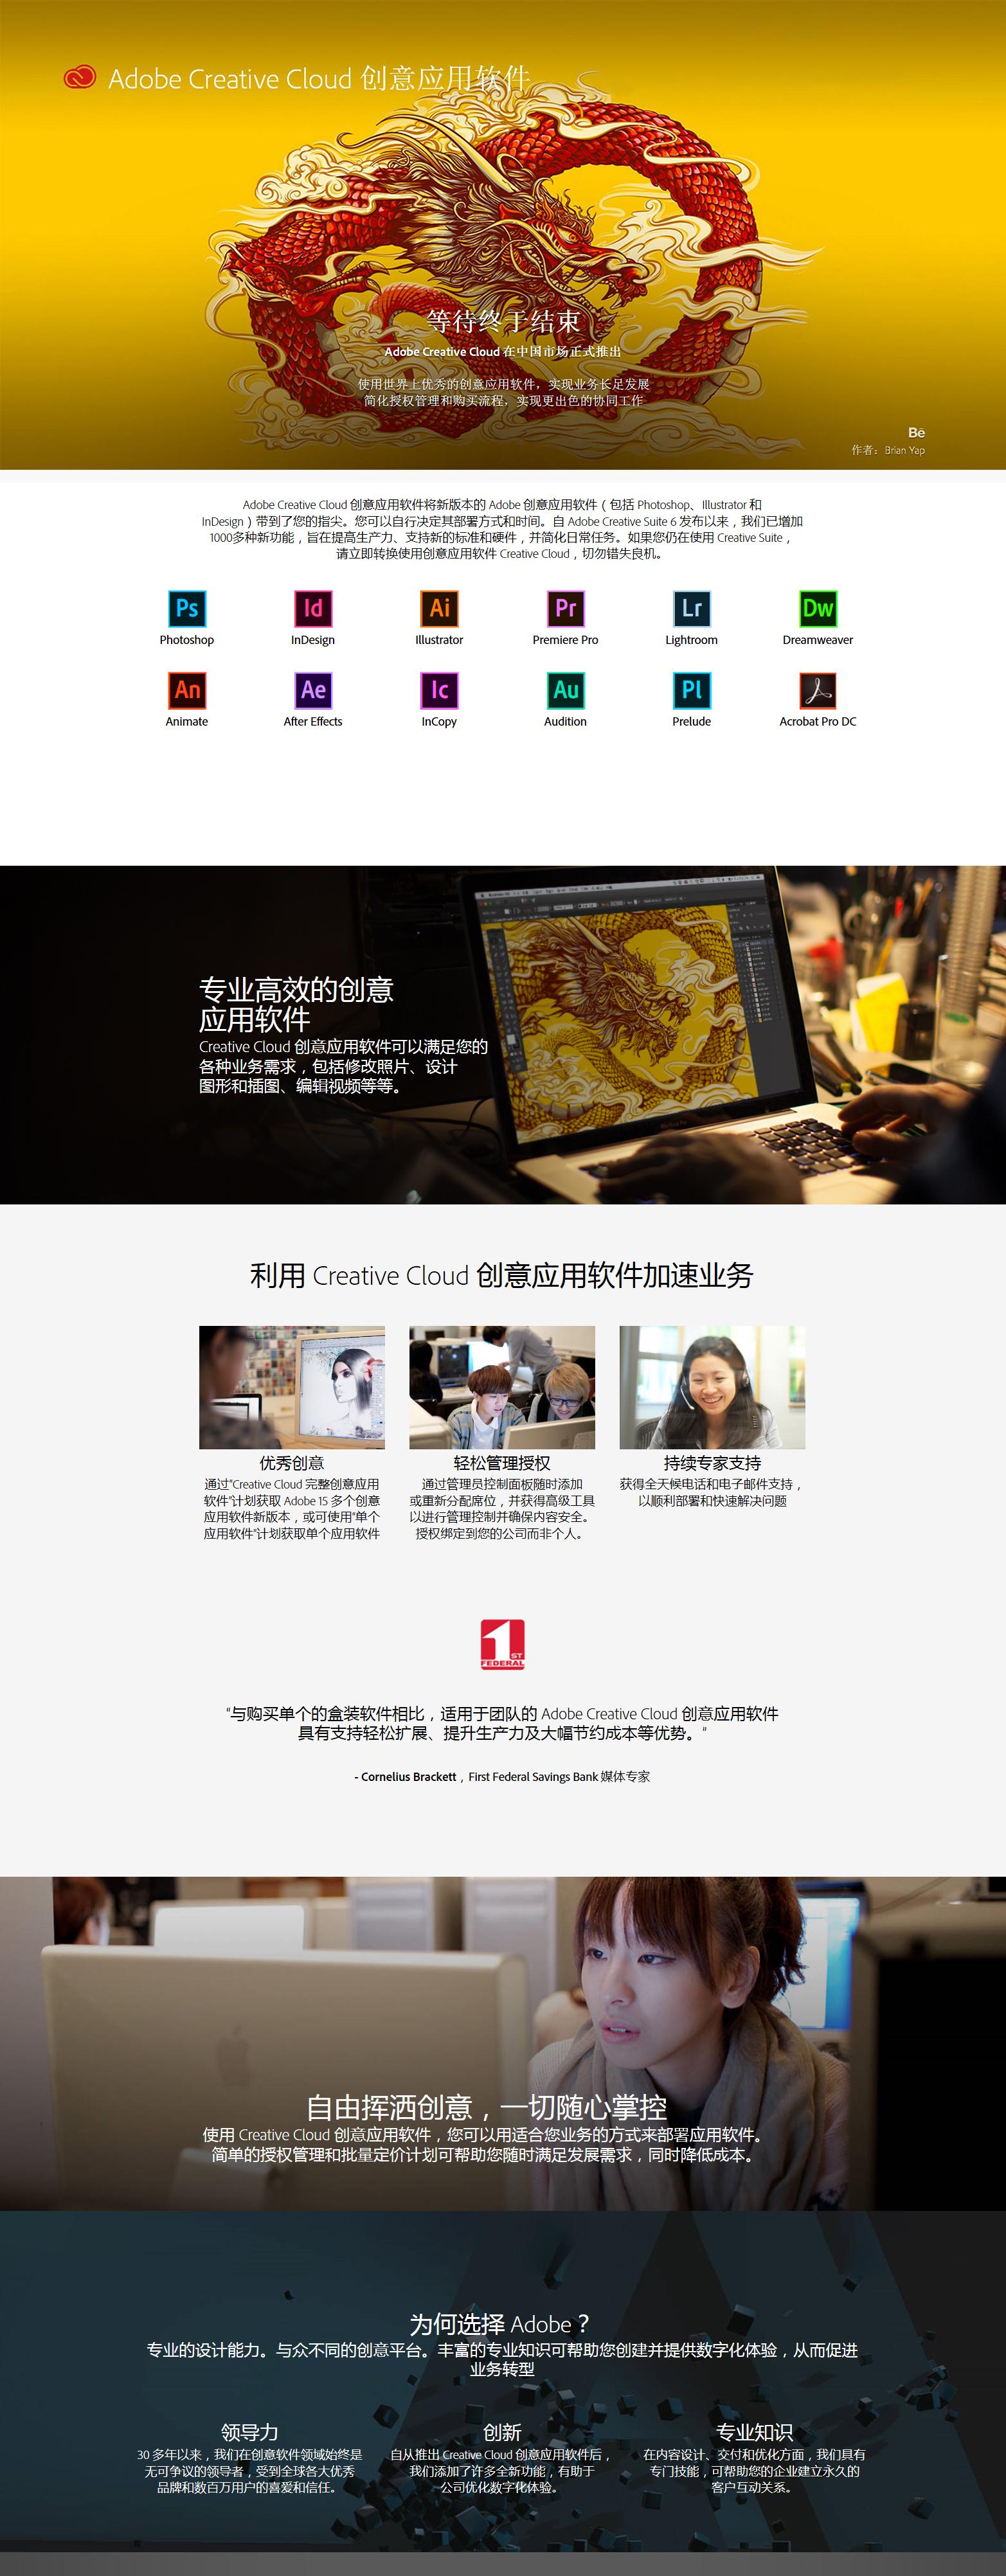 适用于团队和商业的Creative Cloud创意应用软件   Adobe 中 国官网.jpg